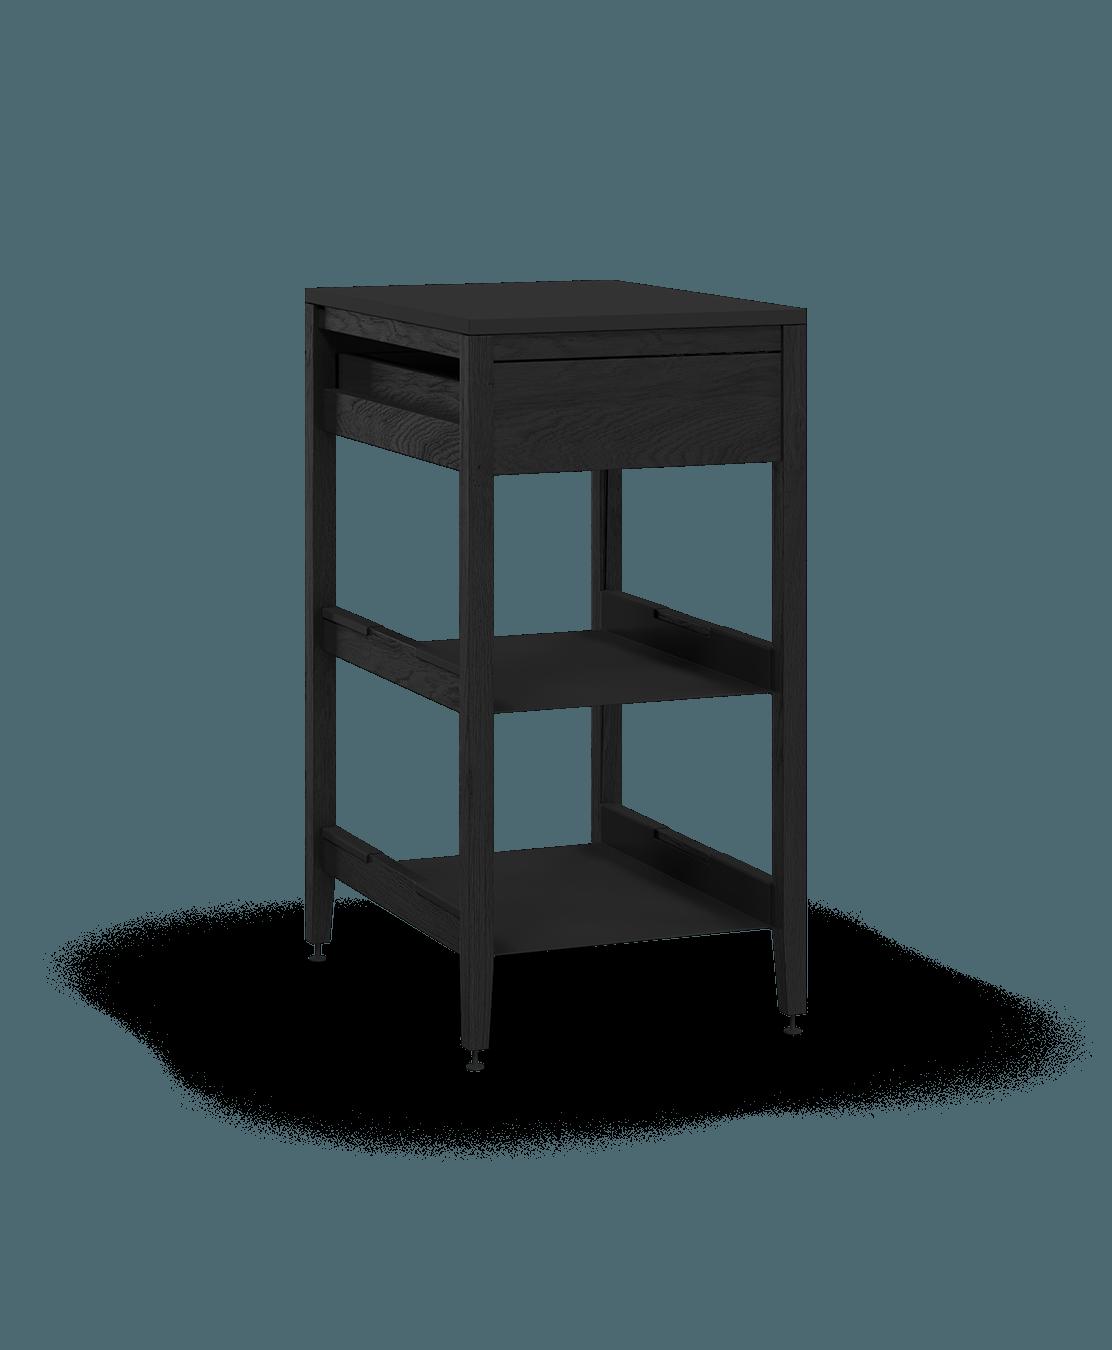 armoire de cuisine modulaire inférieure en bois massif coquo radix avec 2 tablettes 1 tiroir chêne teint noir nuit profonde 18 pouces C1-C-18SB-1022-BK